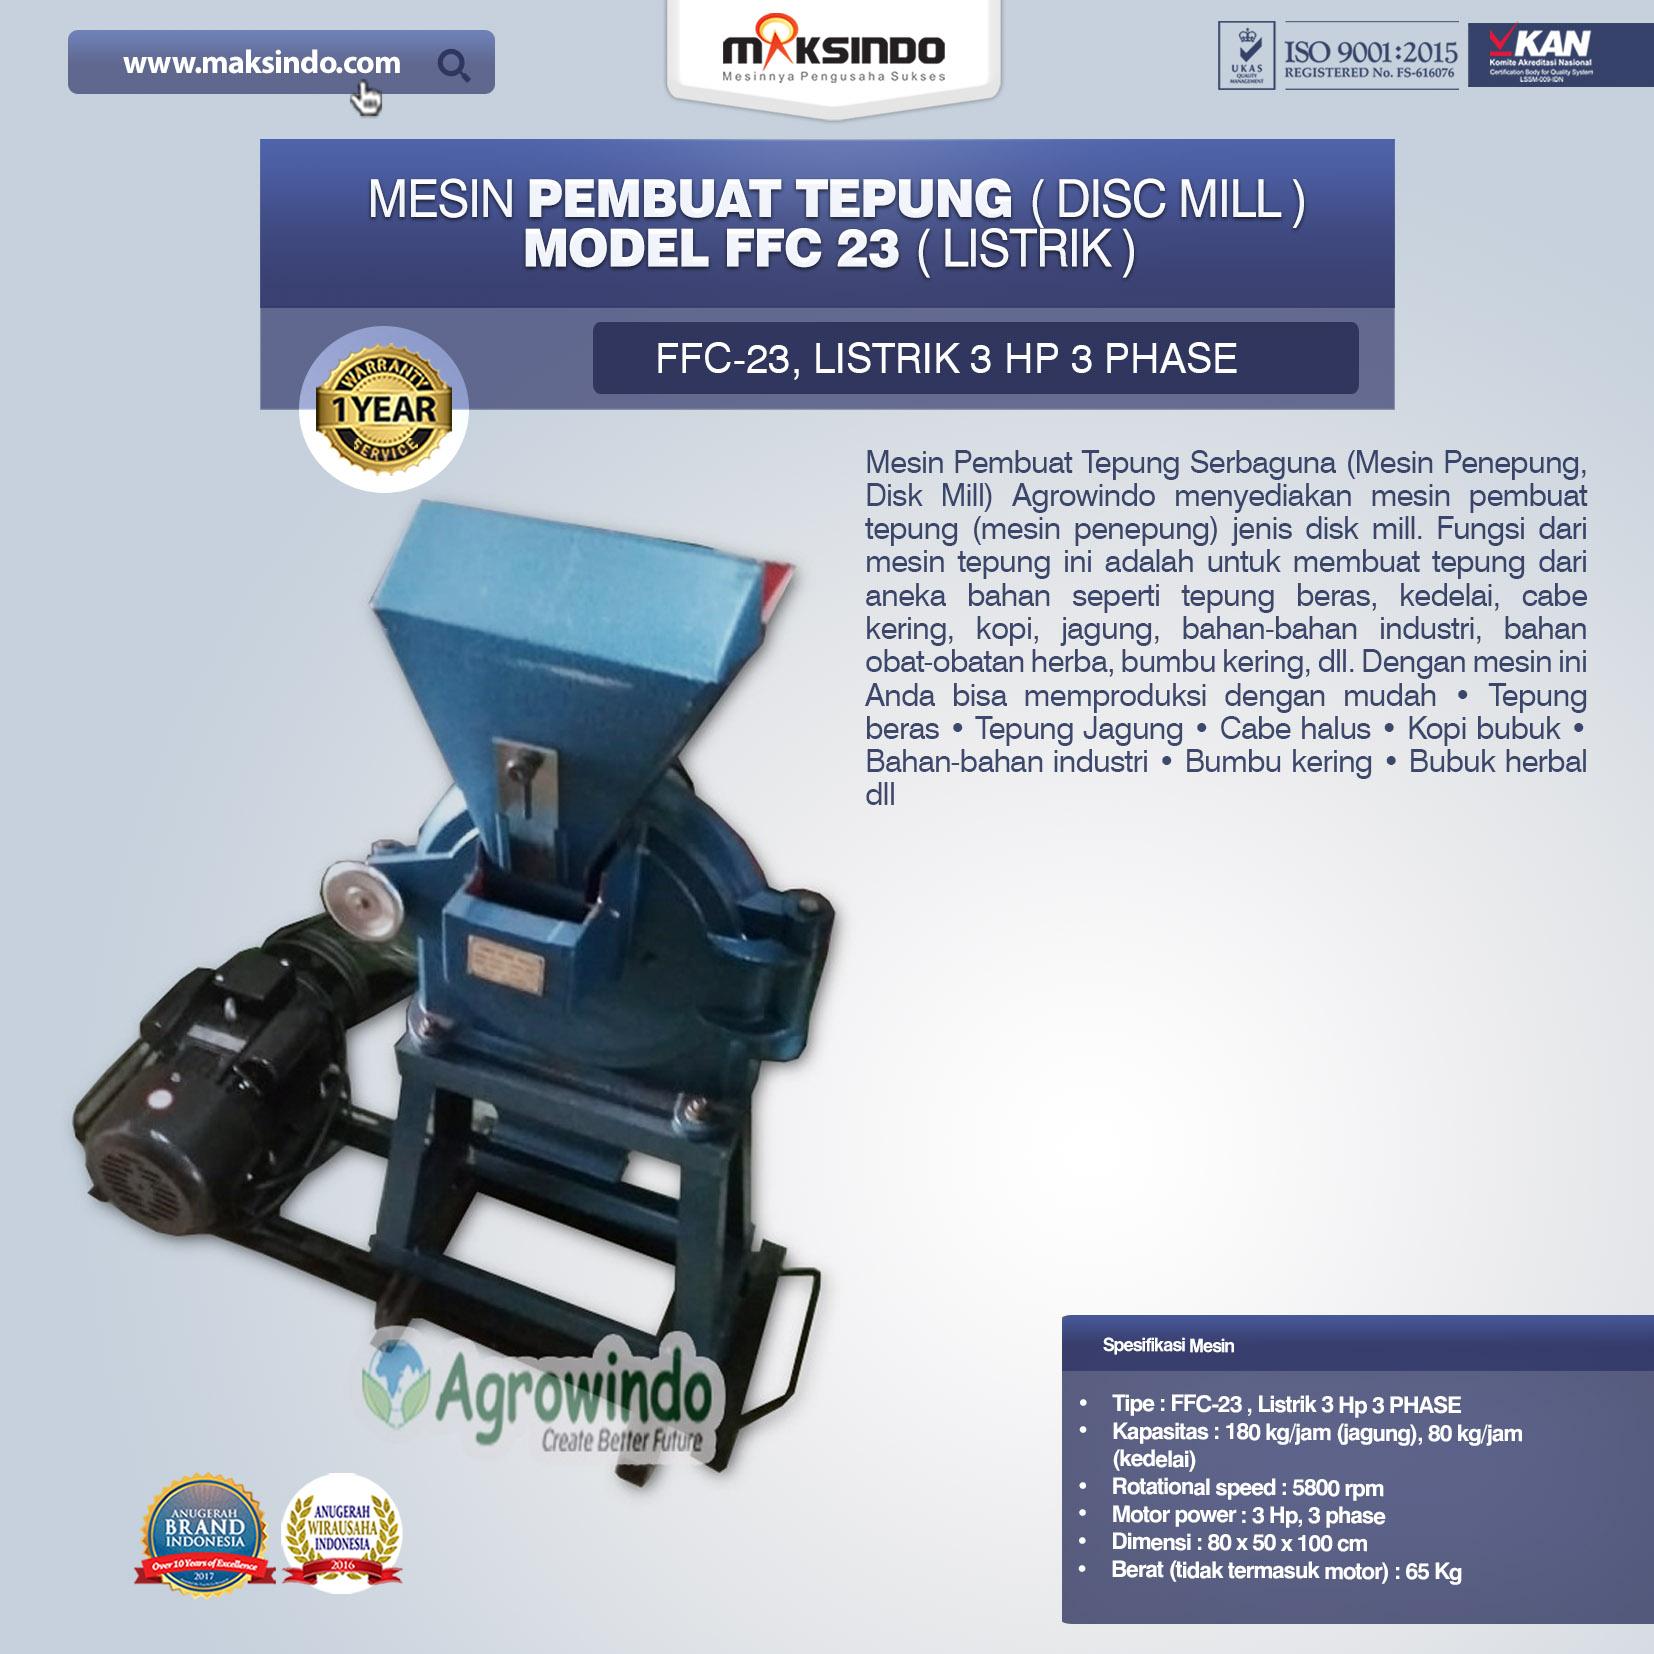 Mesin Penepung Model FFC 23 Listrik